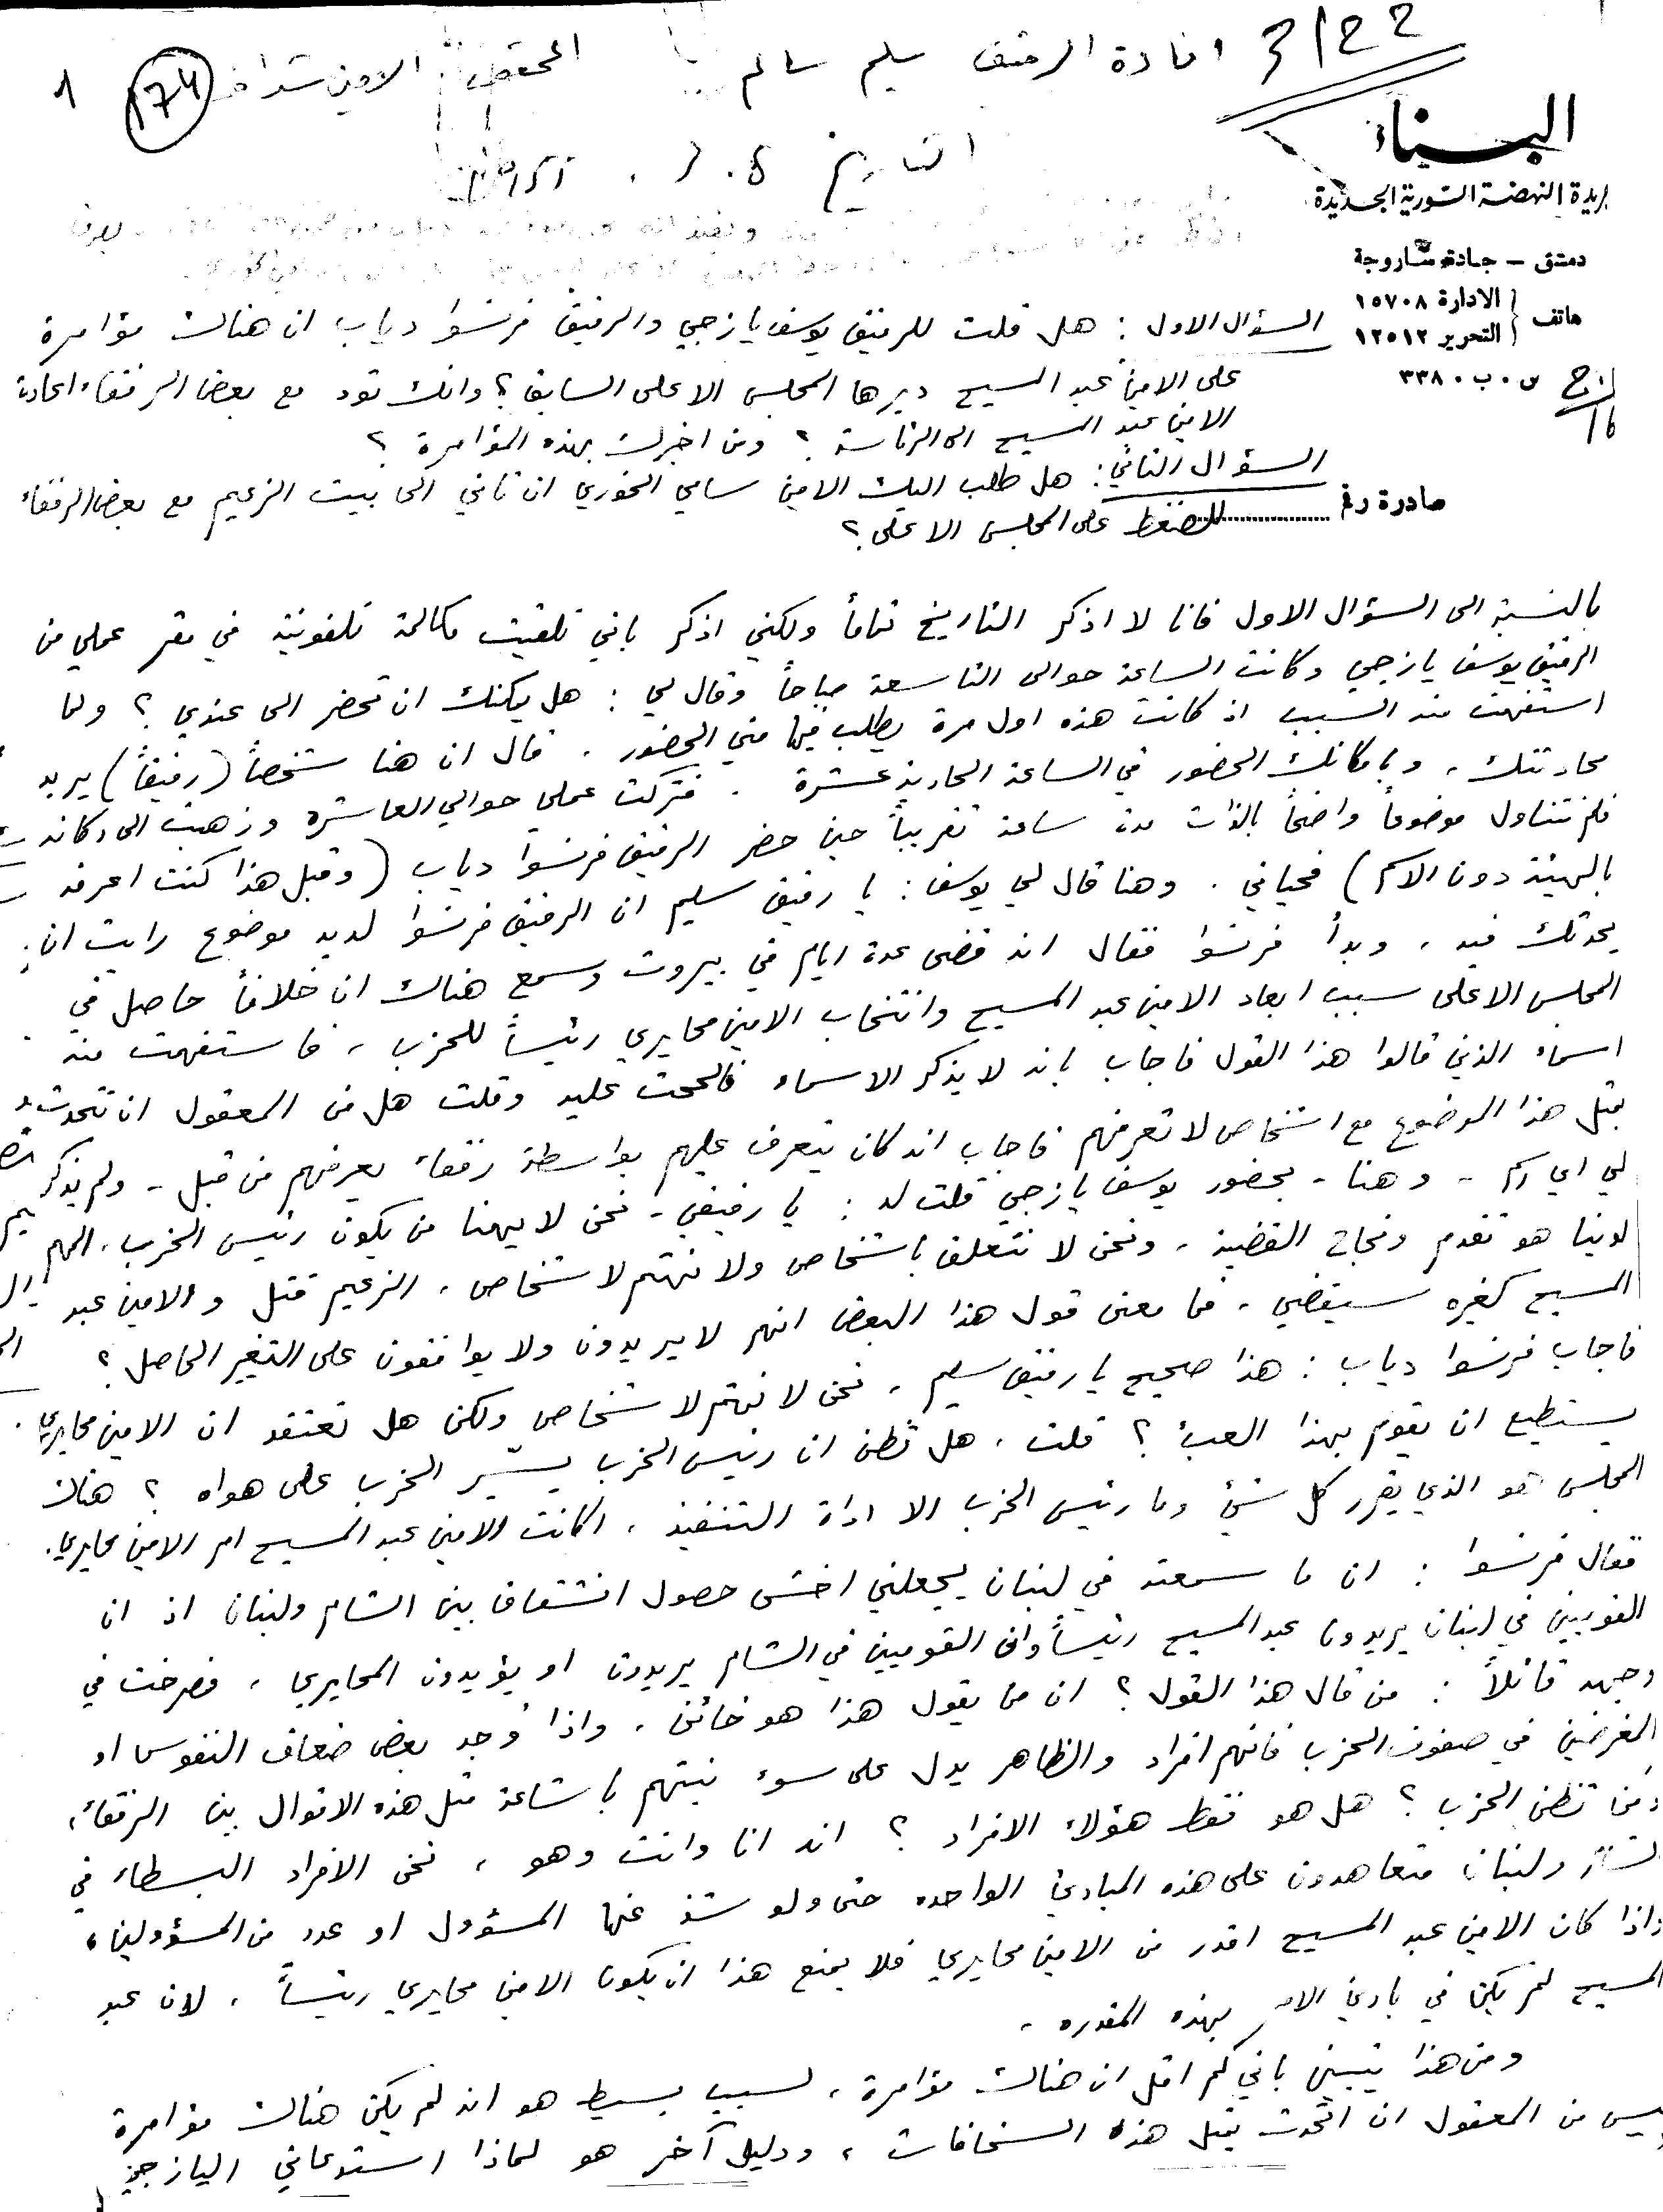 إفادة - الصفحة الأولى